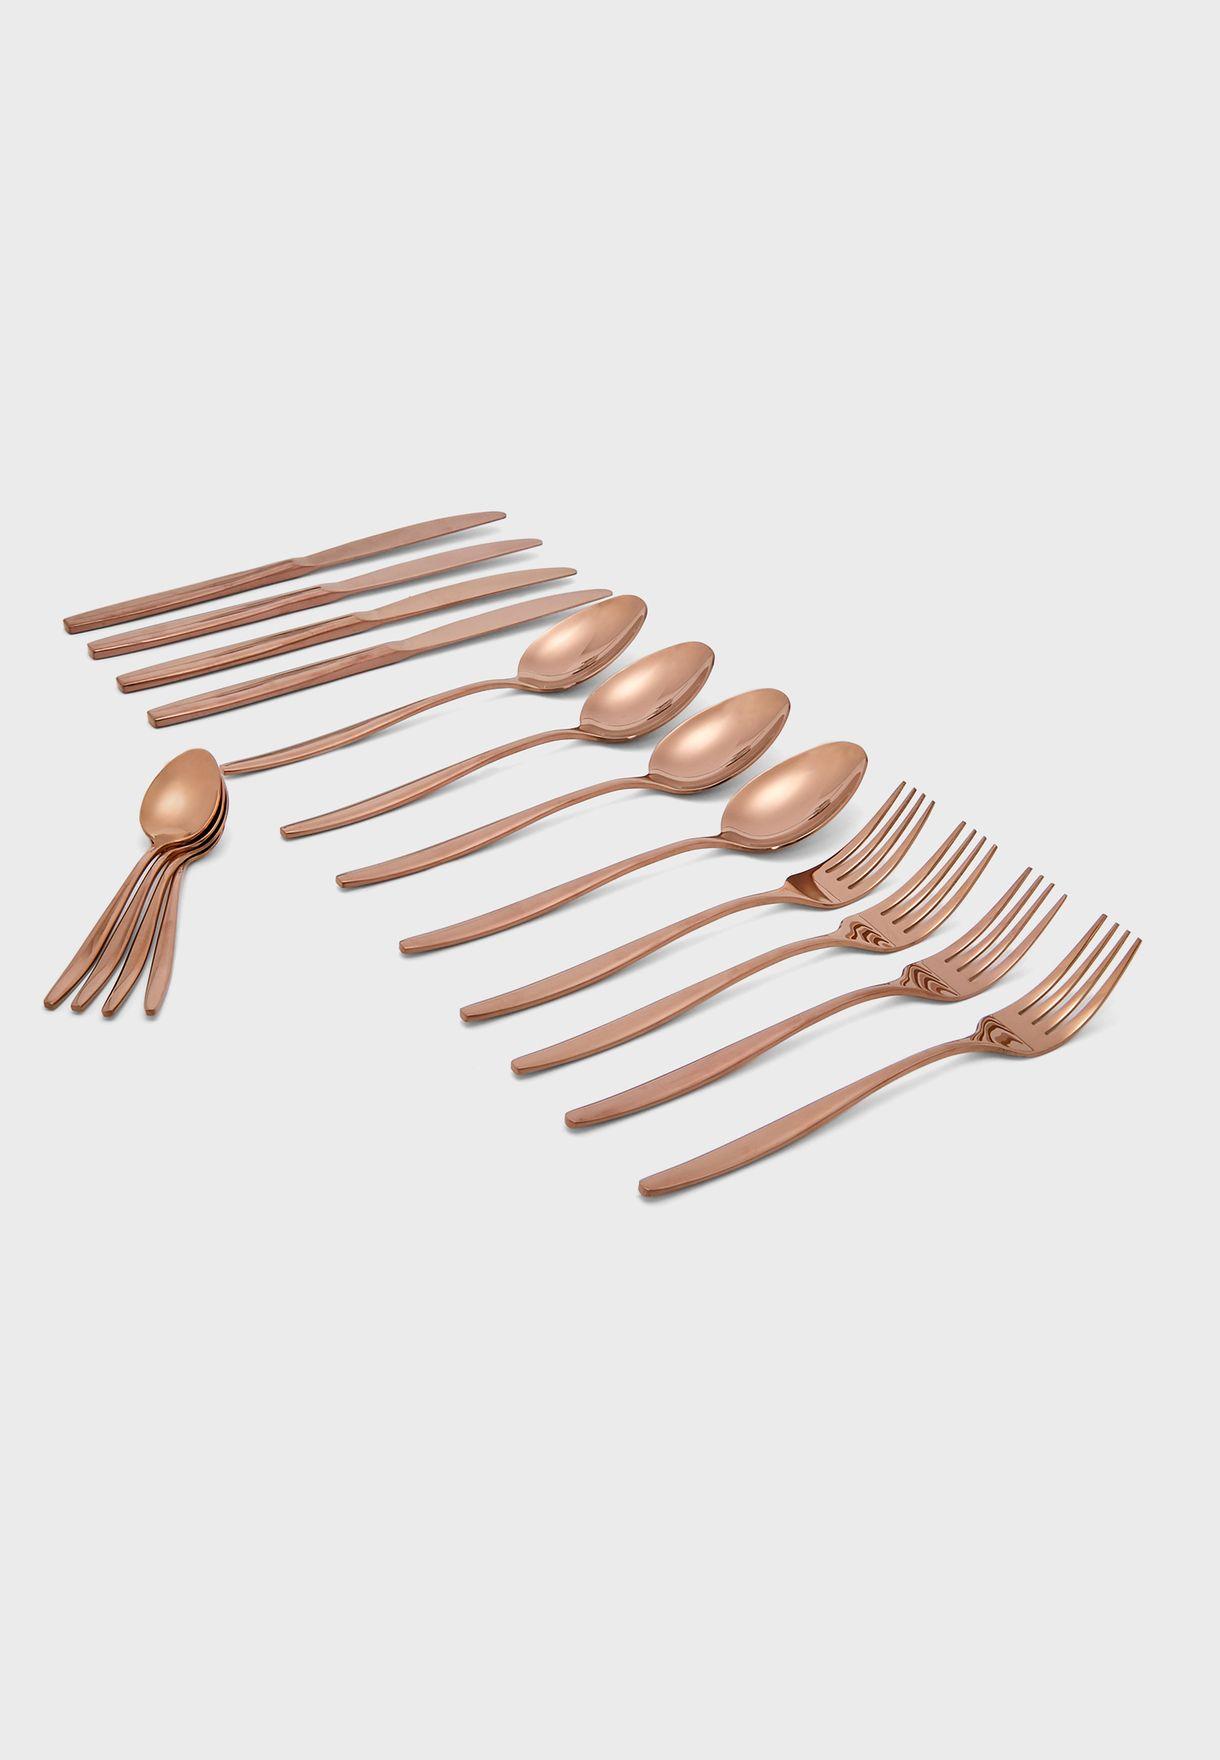 طقم أدوات مائدة (16 قطعة)